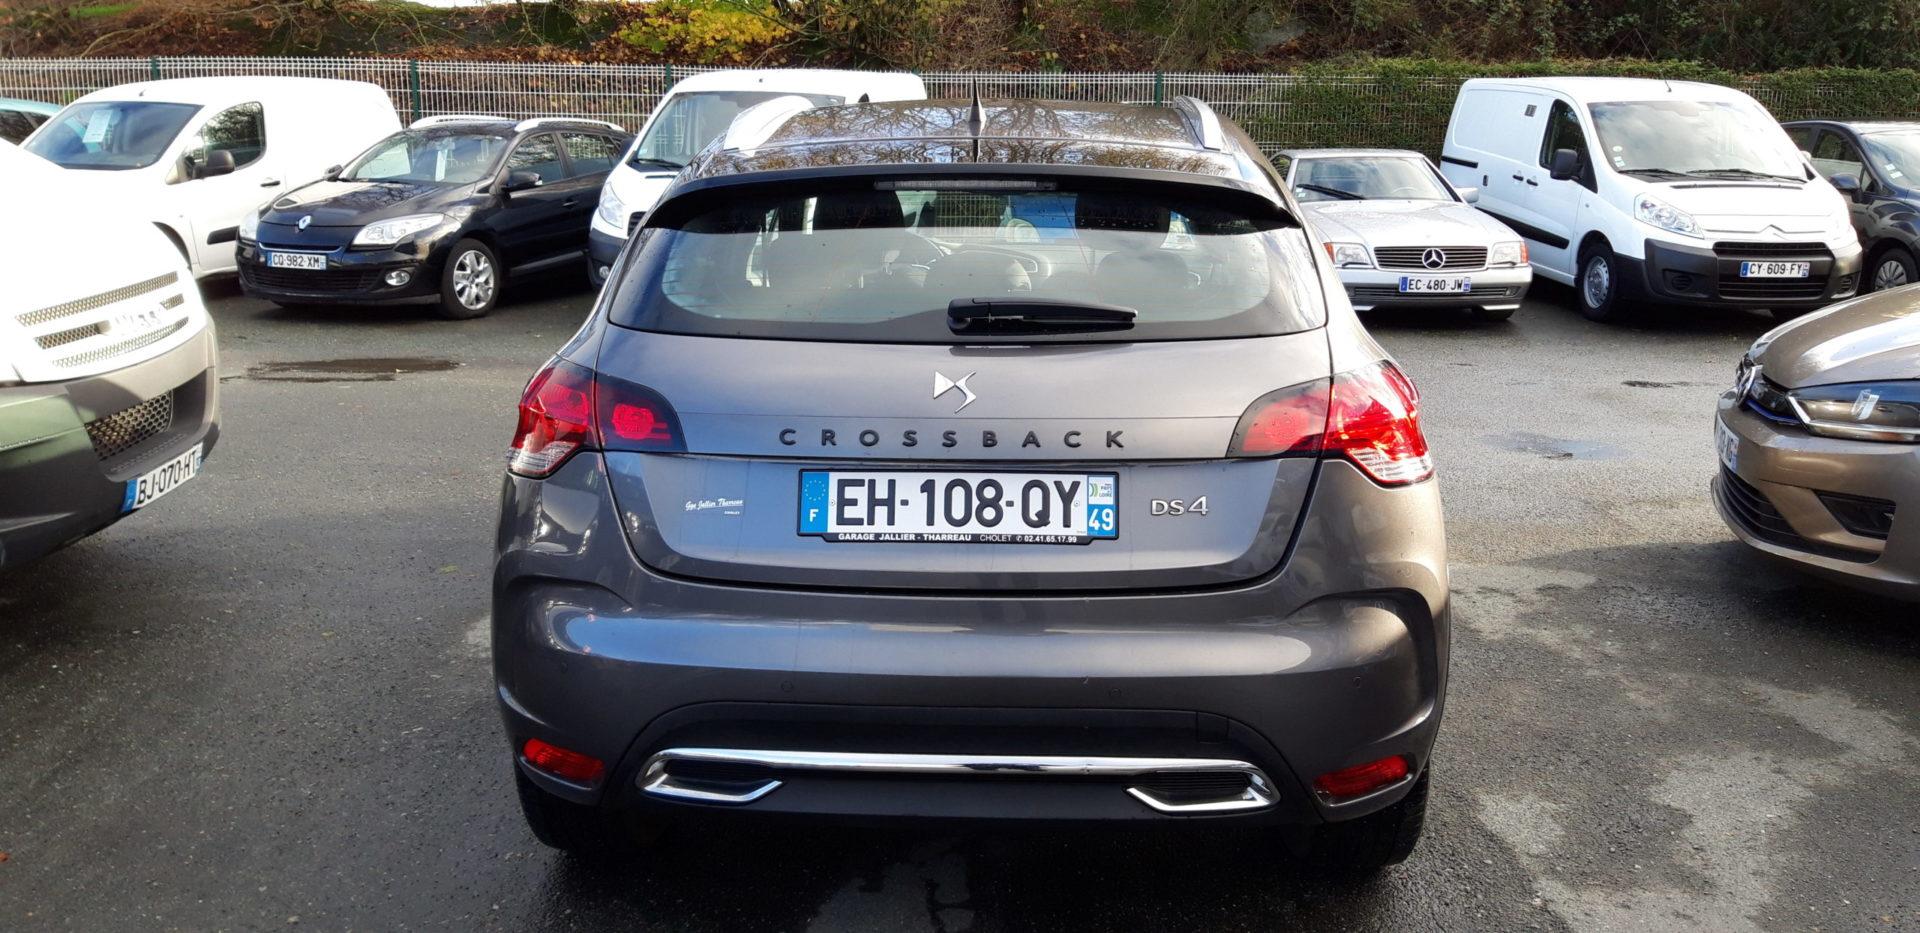 Garage Jallier Tharreau Garage Automobile Cholet Location Vehicule 9 Places 20201205 151541 1331